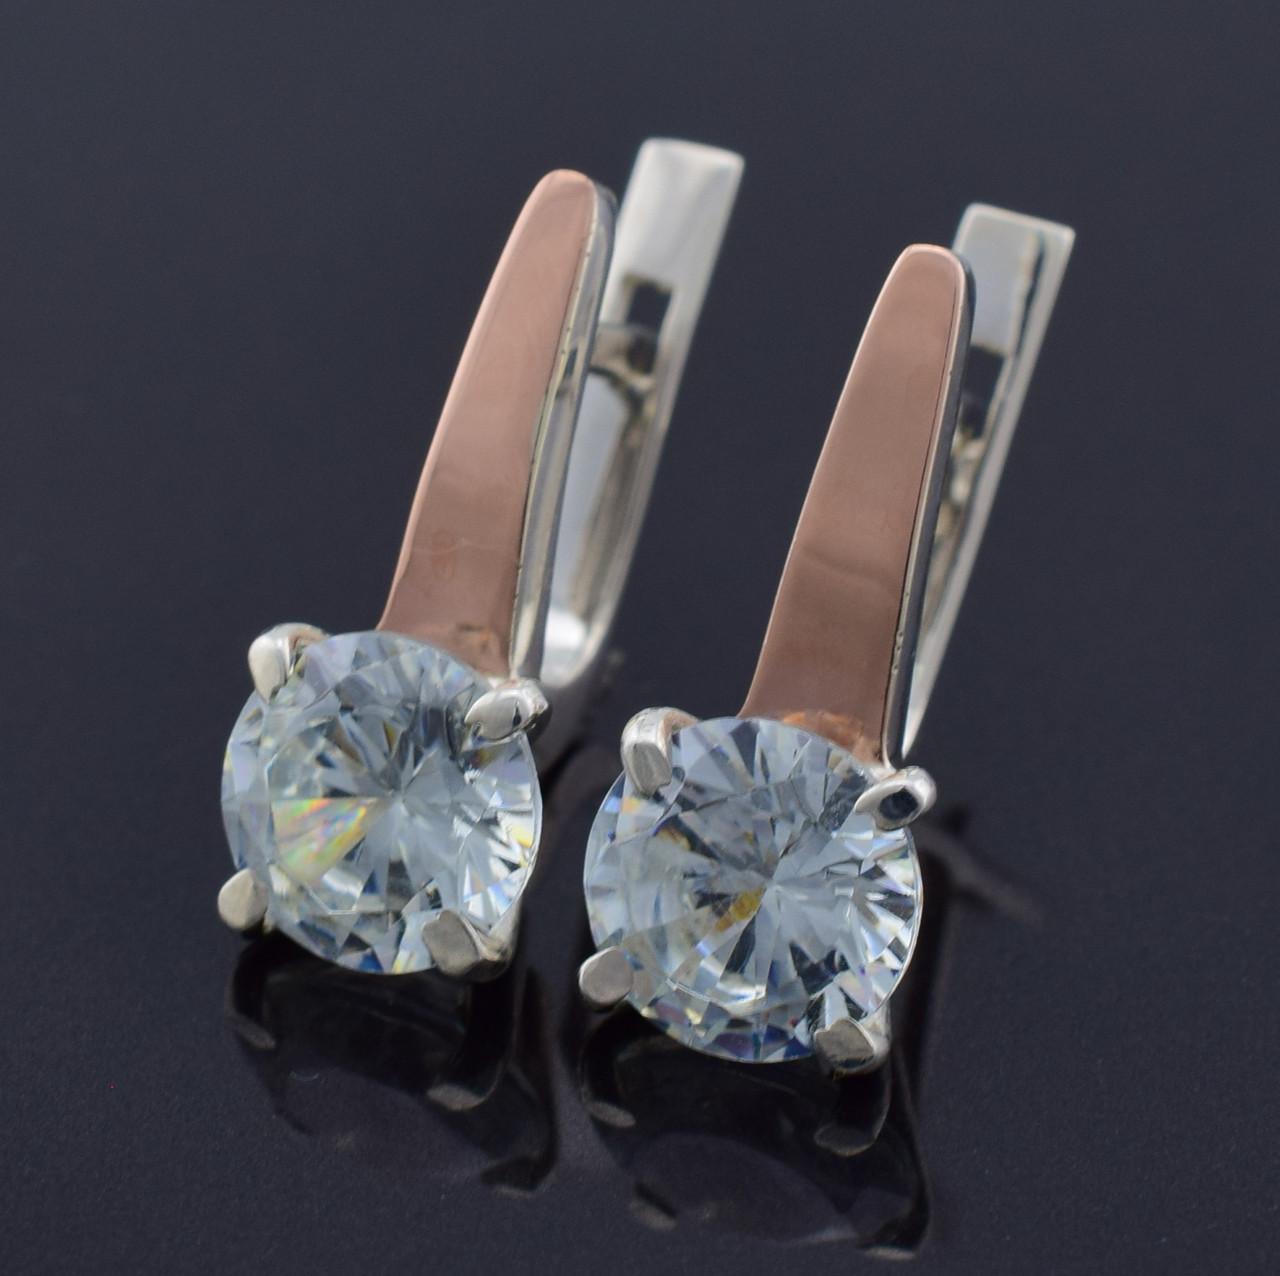 """Серебряные серьги с золотыми пластинами """"Кристалл"""", размер 19*8 мм, вставка белые фианиты, вес 4.3 г"""